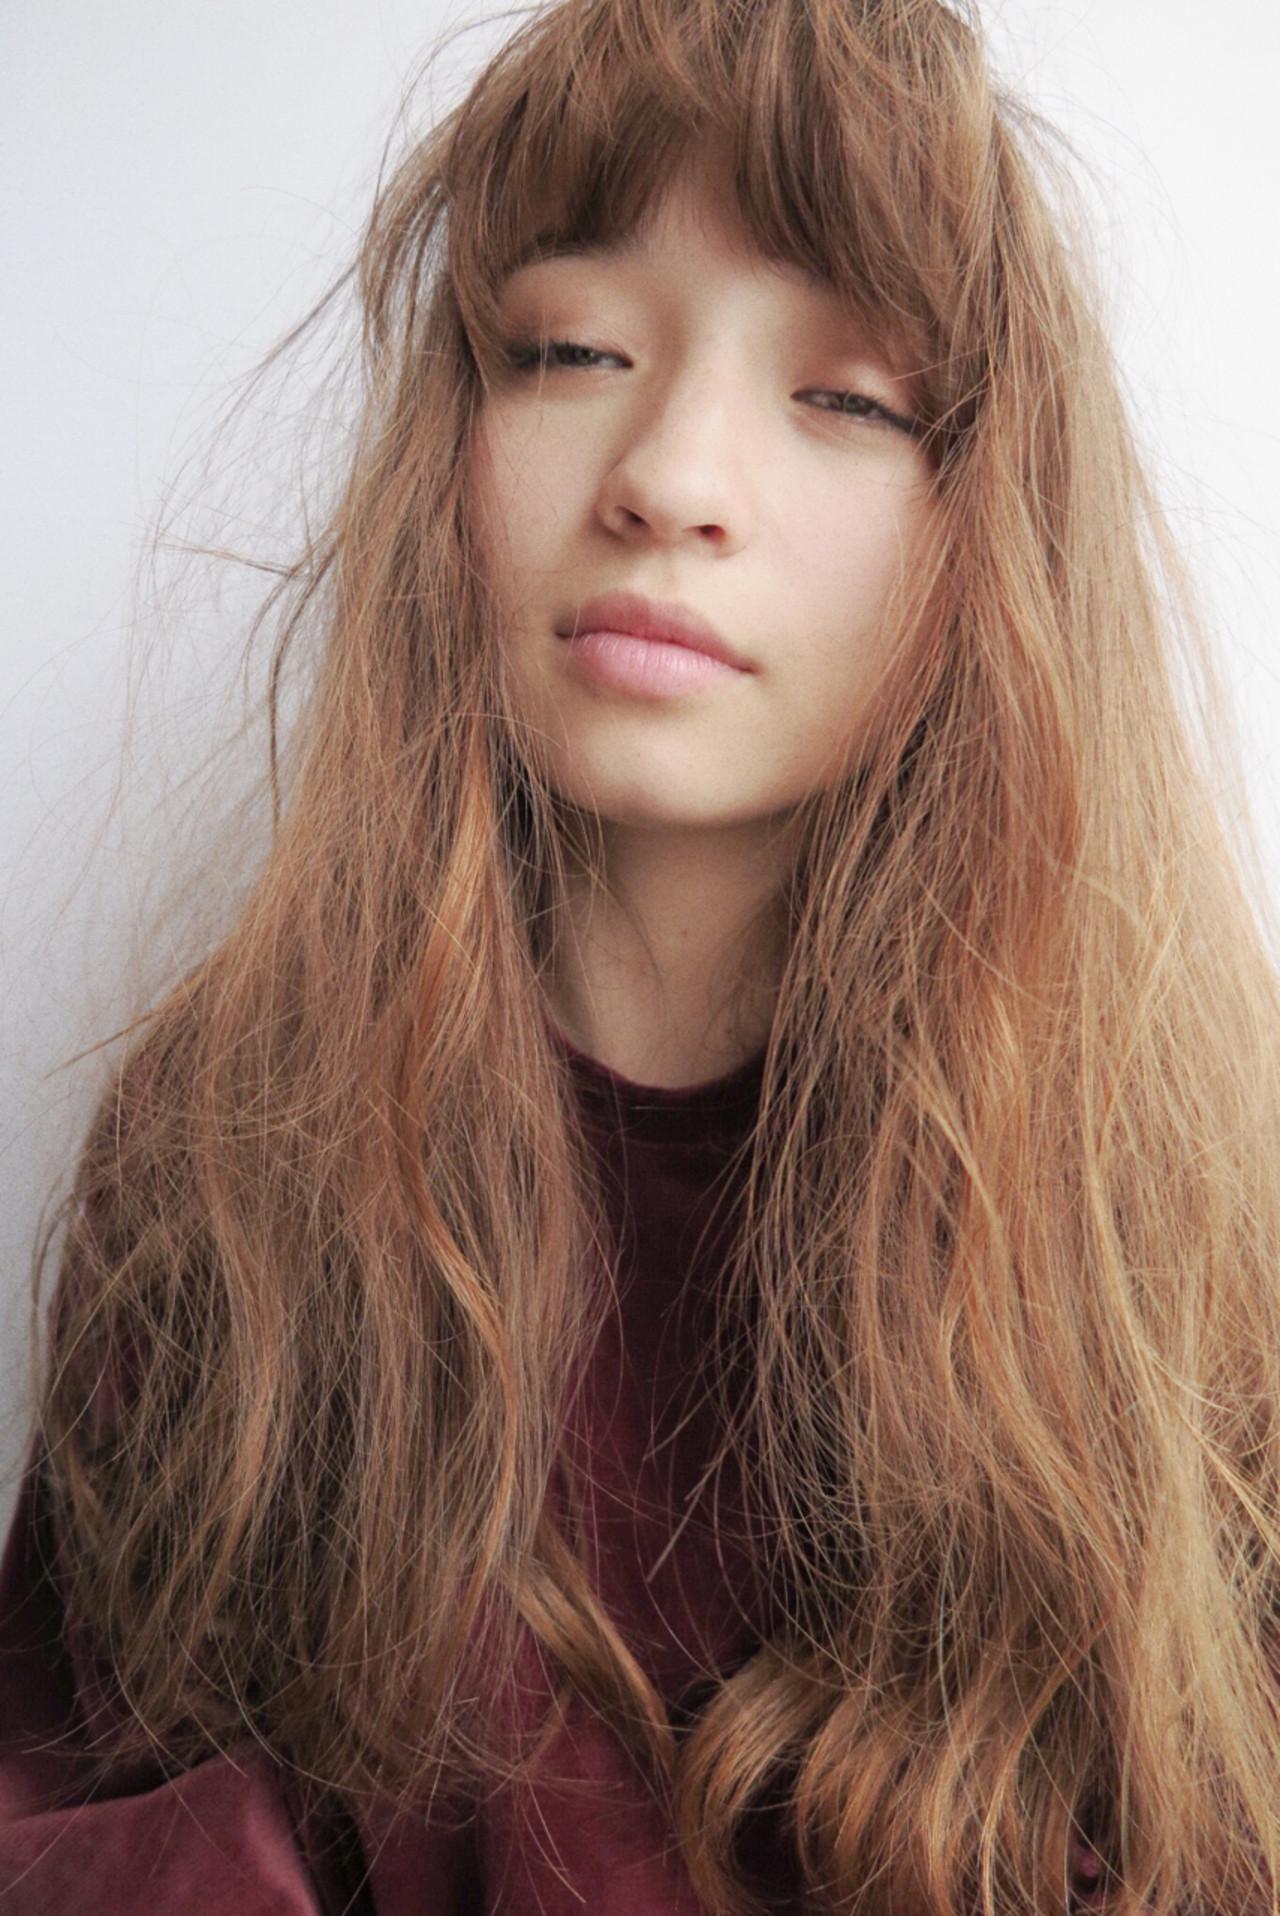 ガーリー ロング パーマ 大人女子 ヘアスタイルや髪型の写真・画像